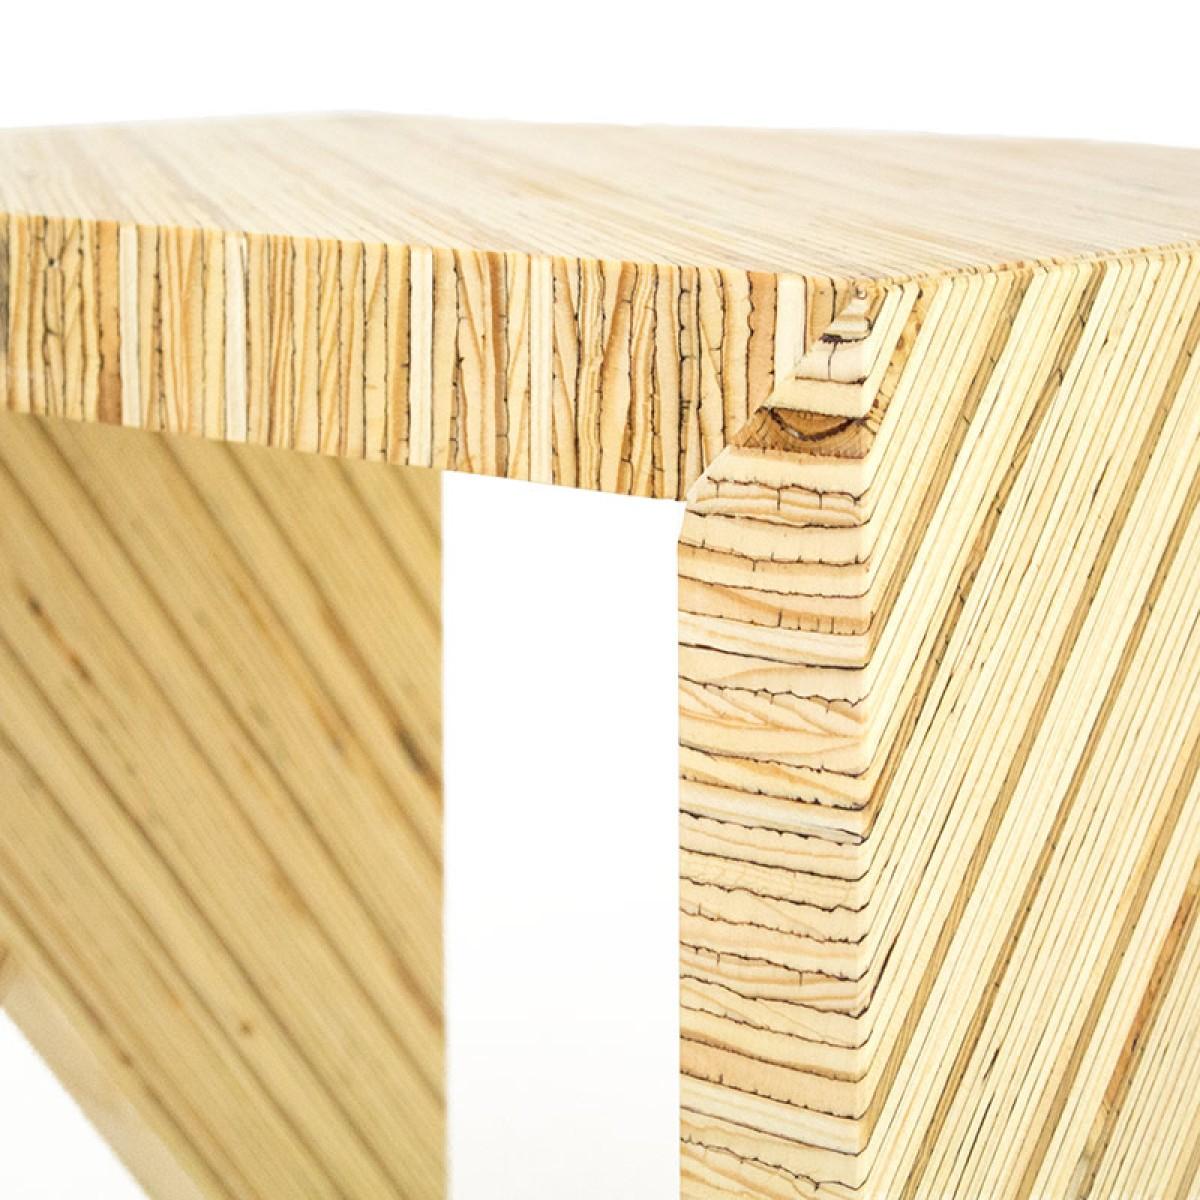 HoNO 1 - Hocker aus Funiersperrholzresten